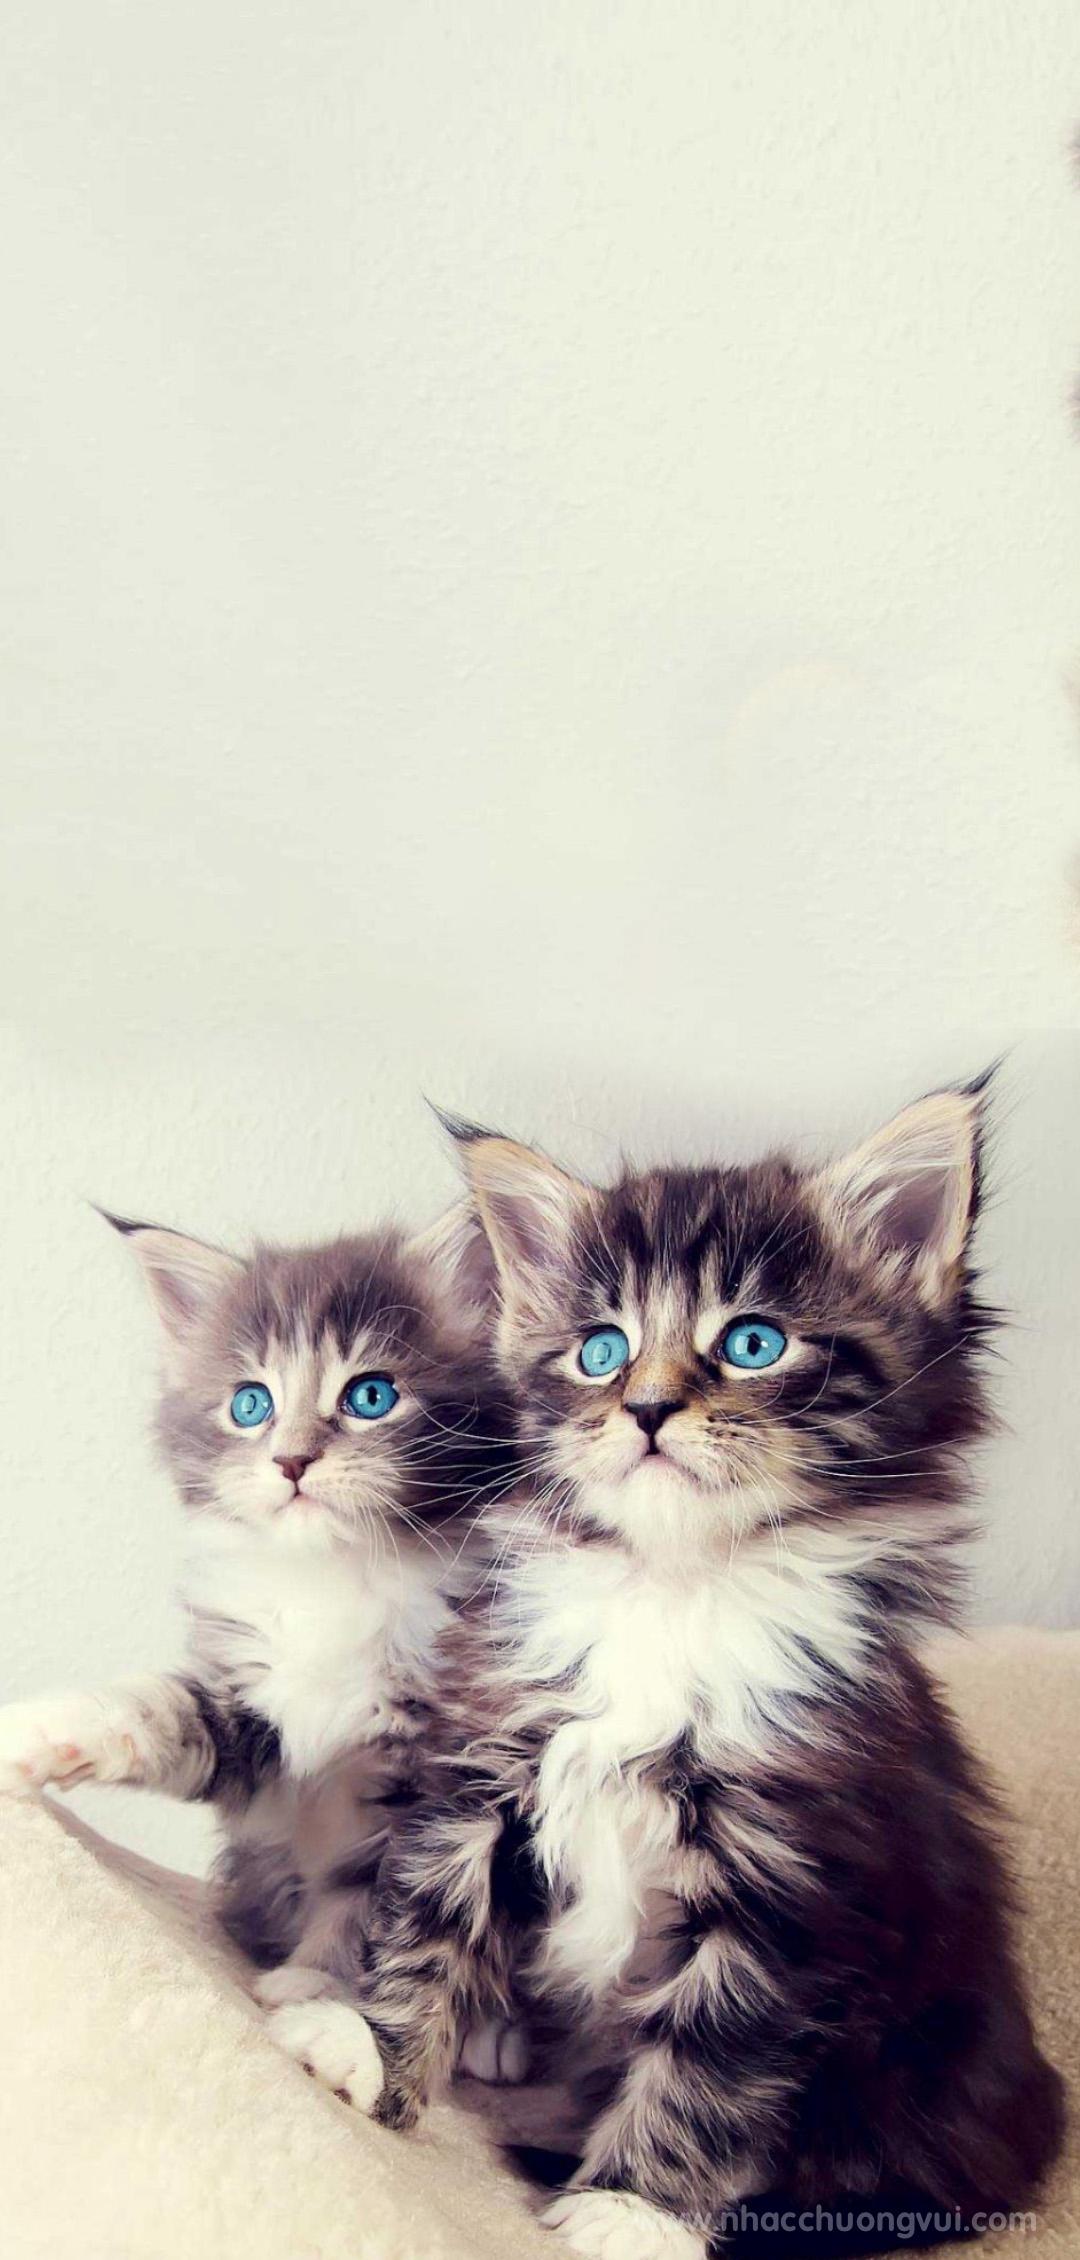 Hình nền mèo cho điện thoại dễ thương nhất 7